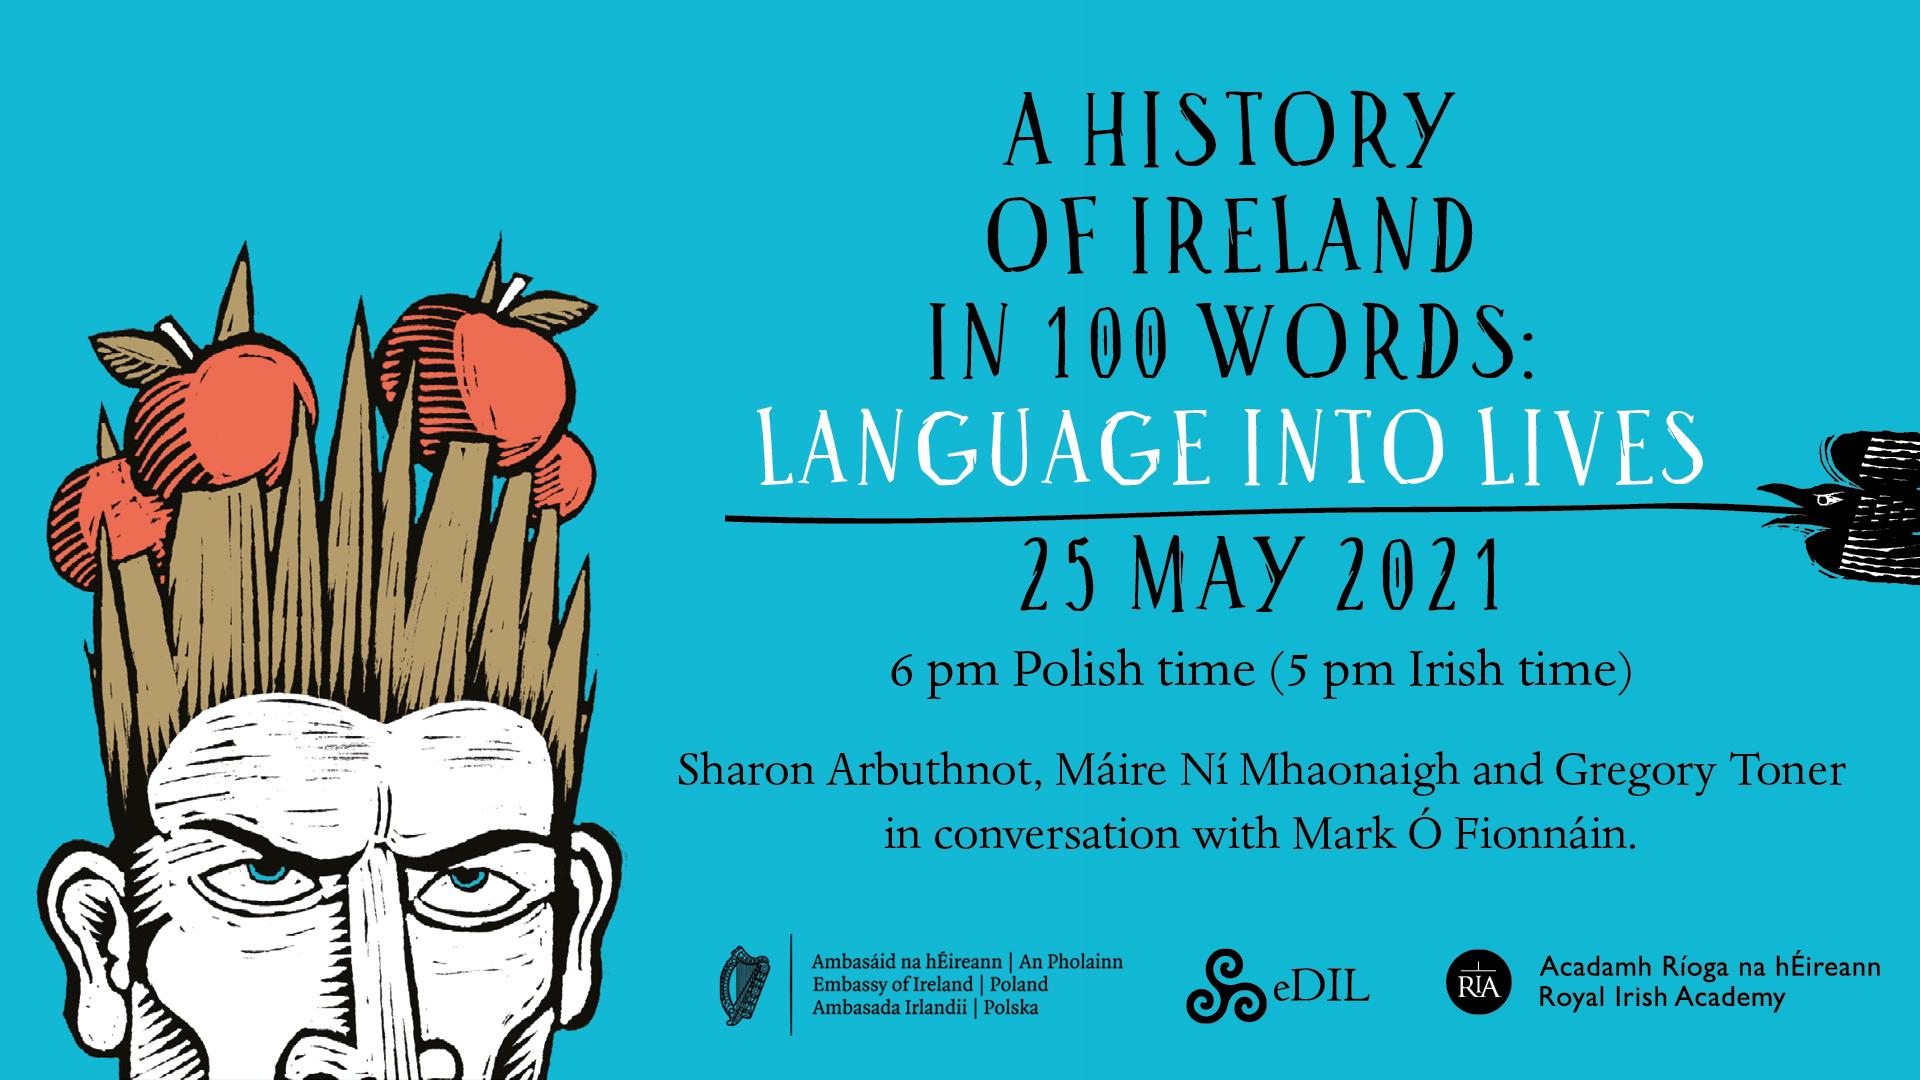 Zaproszenie: Język i historia Irlandii – dyskusja online w ambasadzie Irlandii dla wszystkich